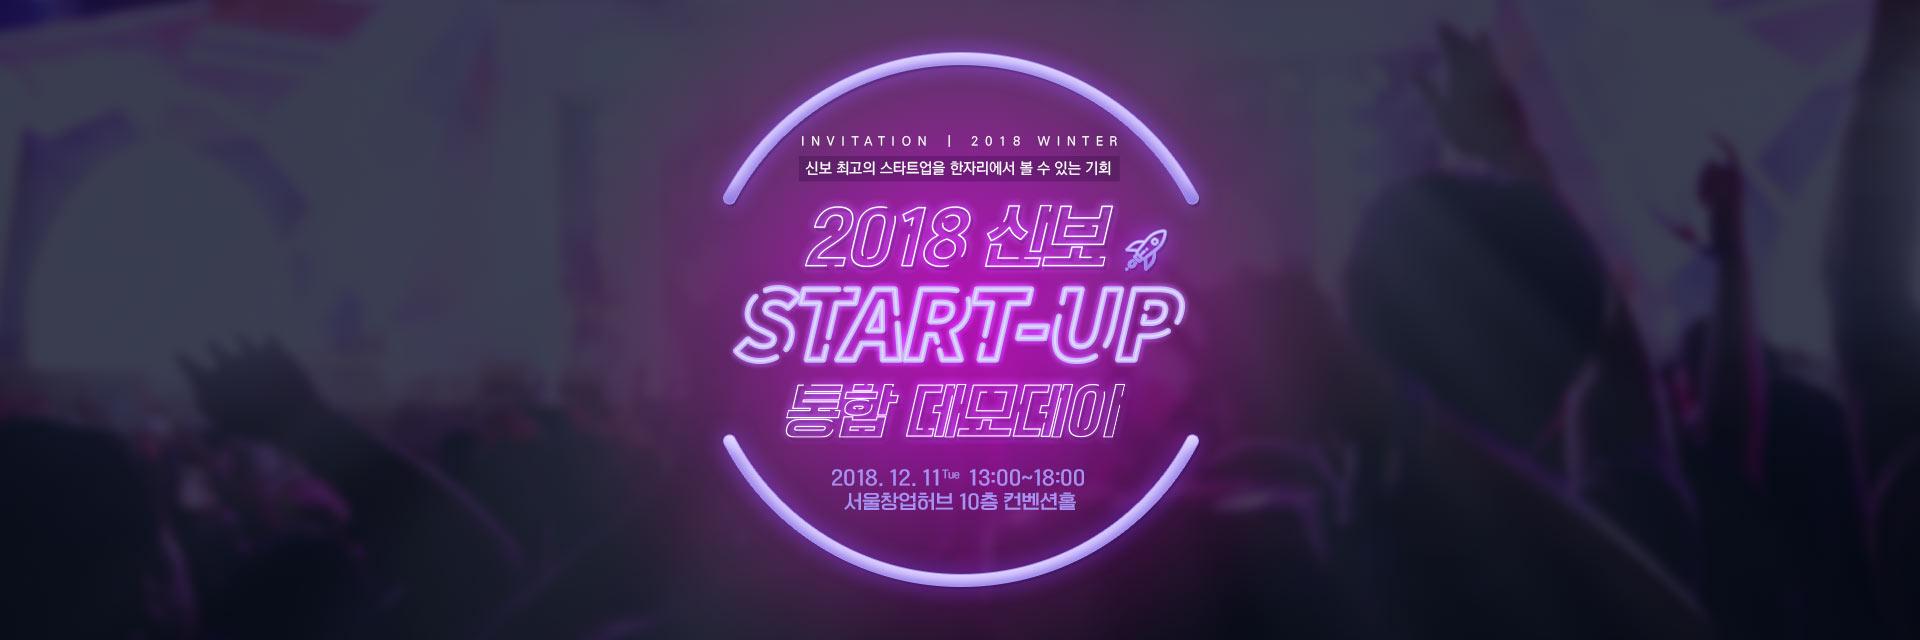 이벤터스_2018 신보 Start-up 통합데모데이